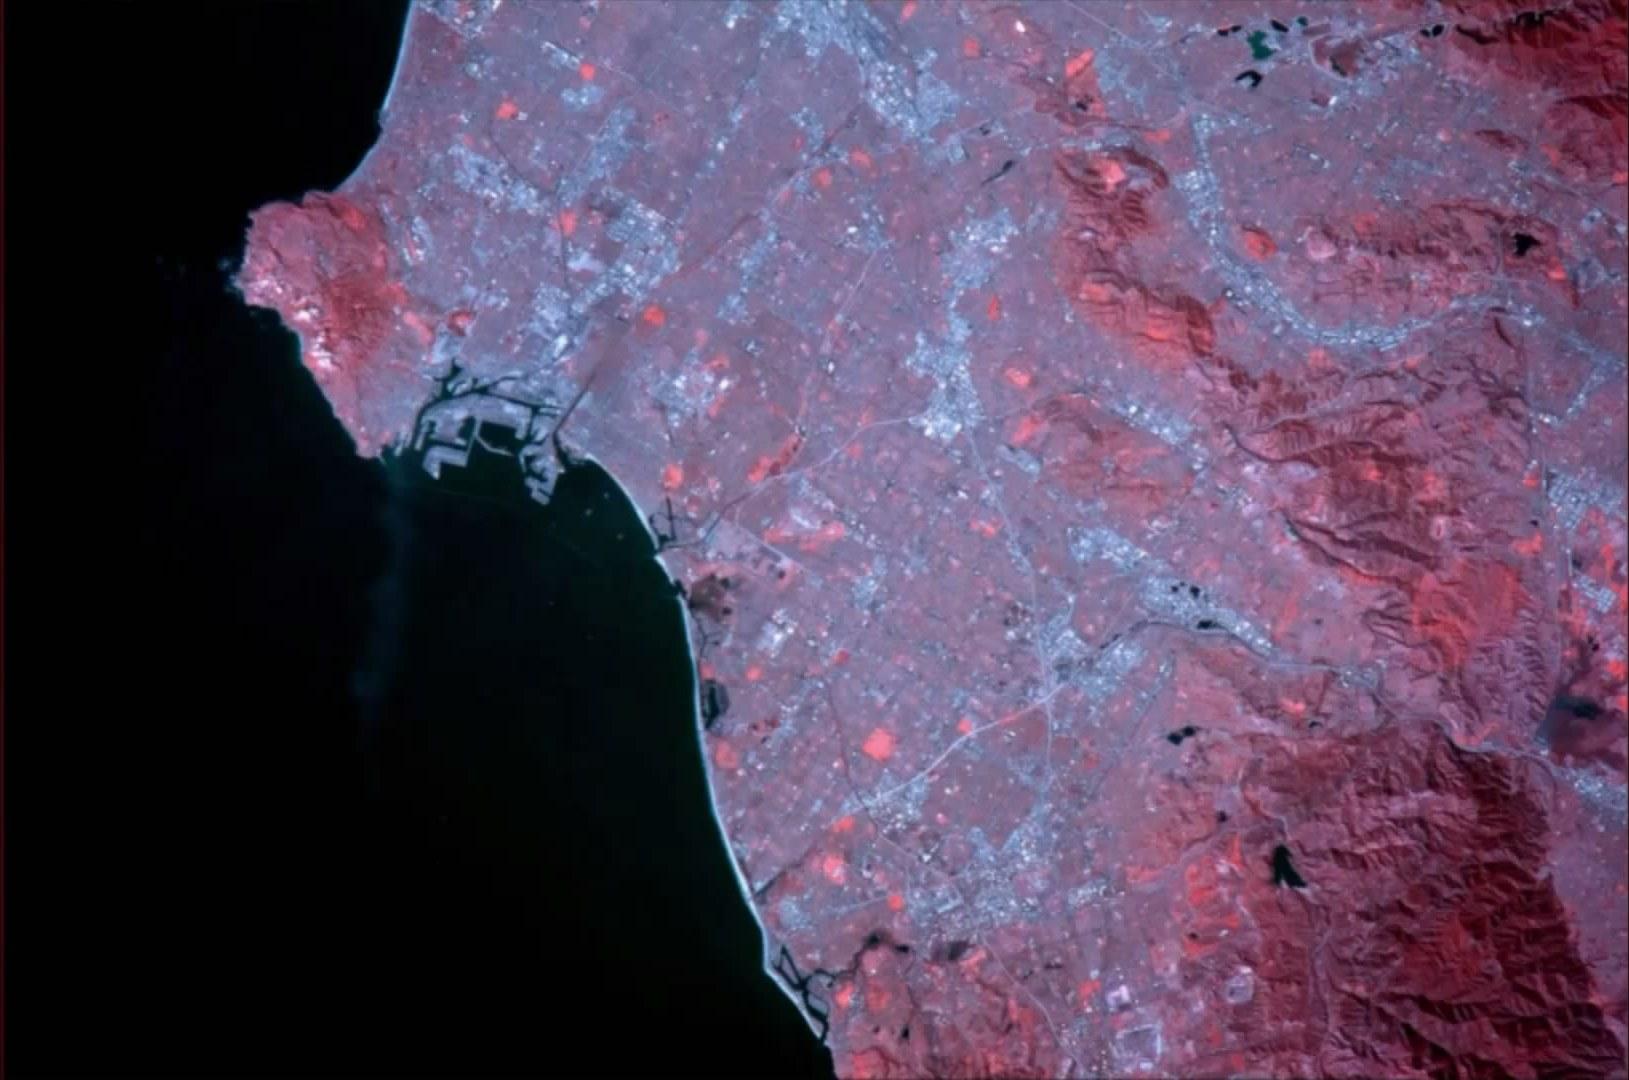 Лос-Анджелес, ИК-изображение